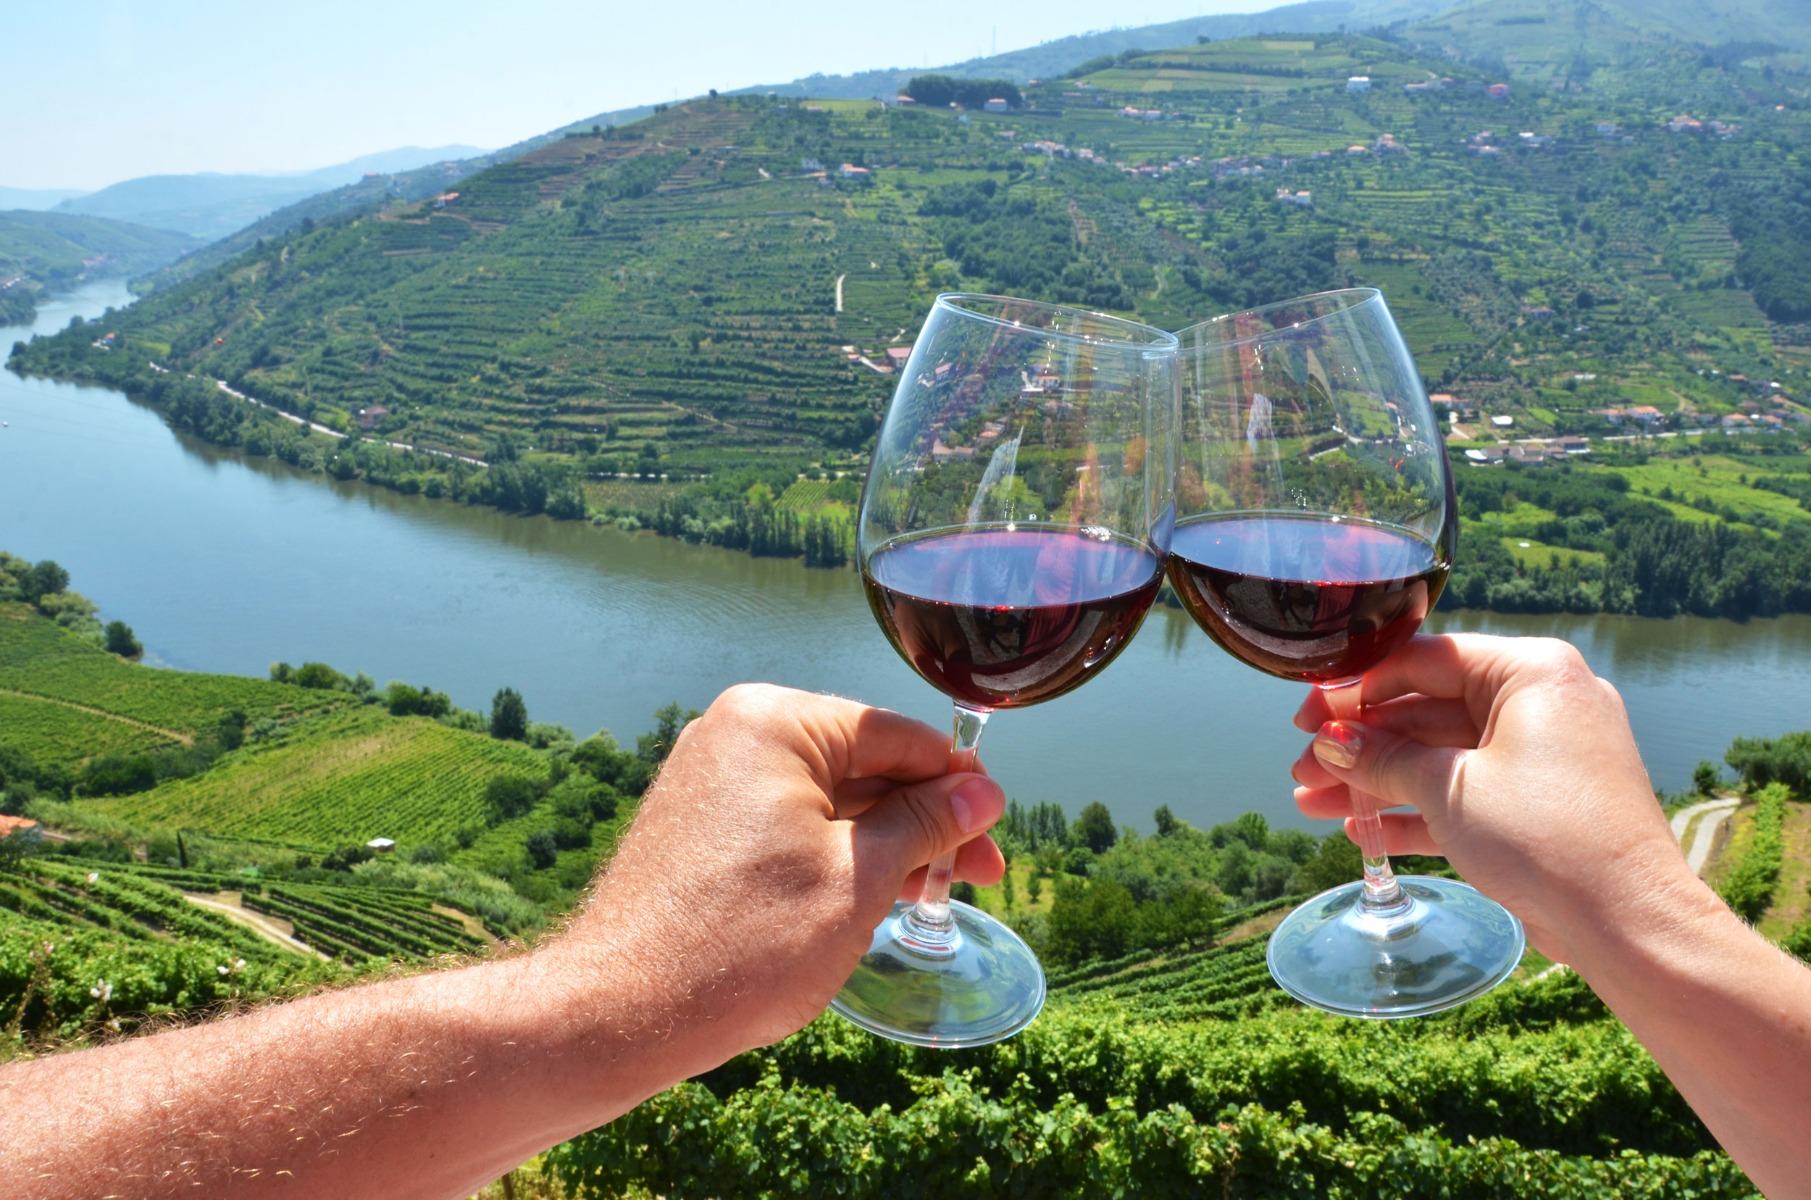 Prik en Tik - Wijnstreken - Portugese wijnen